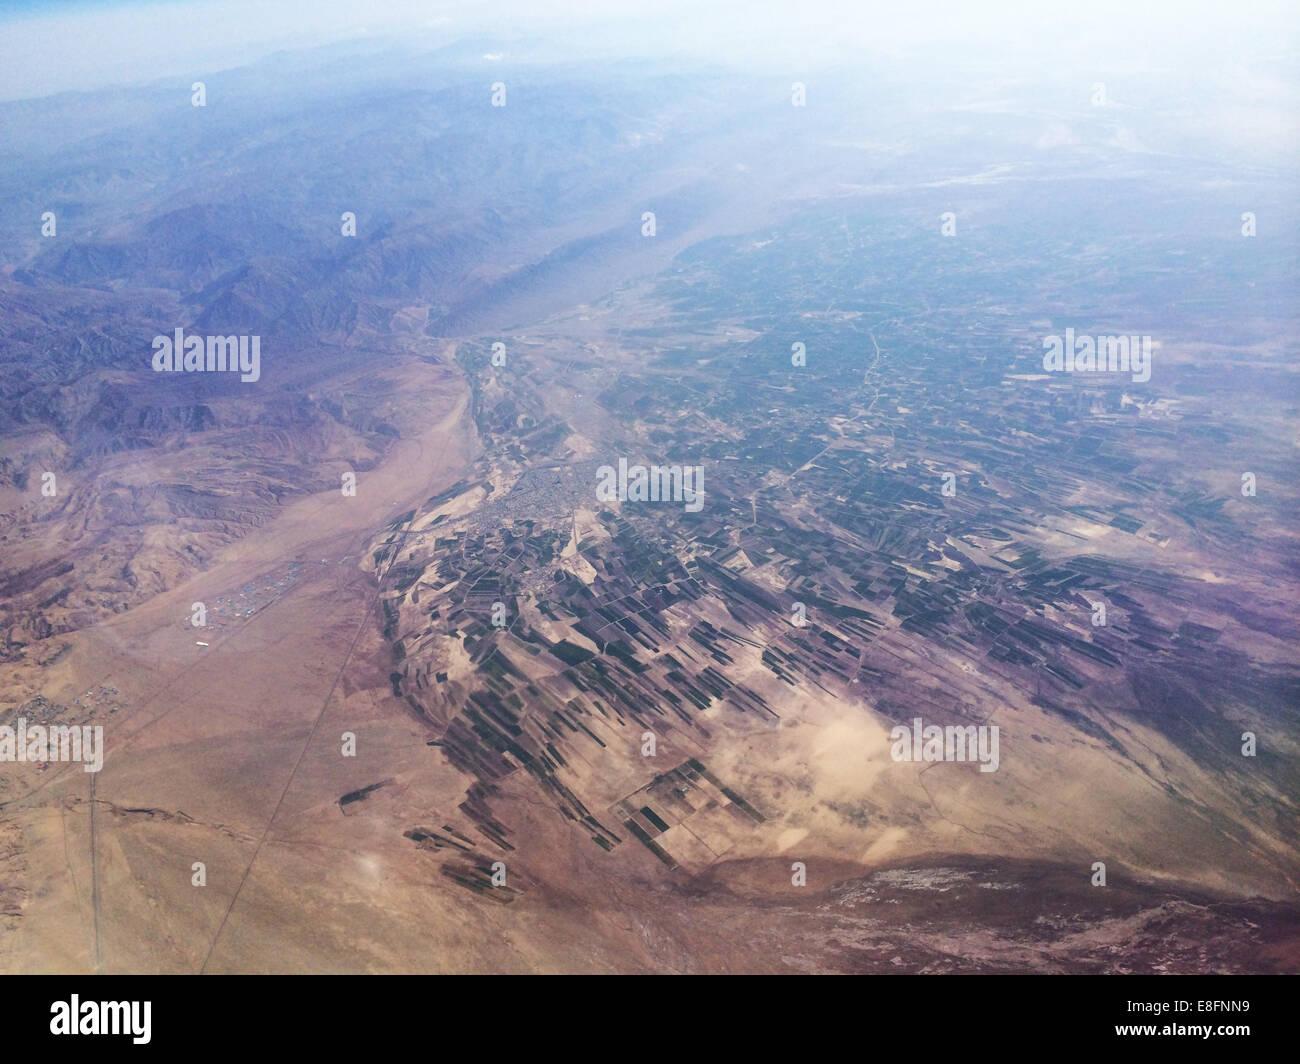 Luftbild von landwirtschaftlich genutzten Feldern und Bergen Stockbild